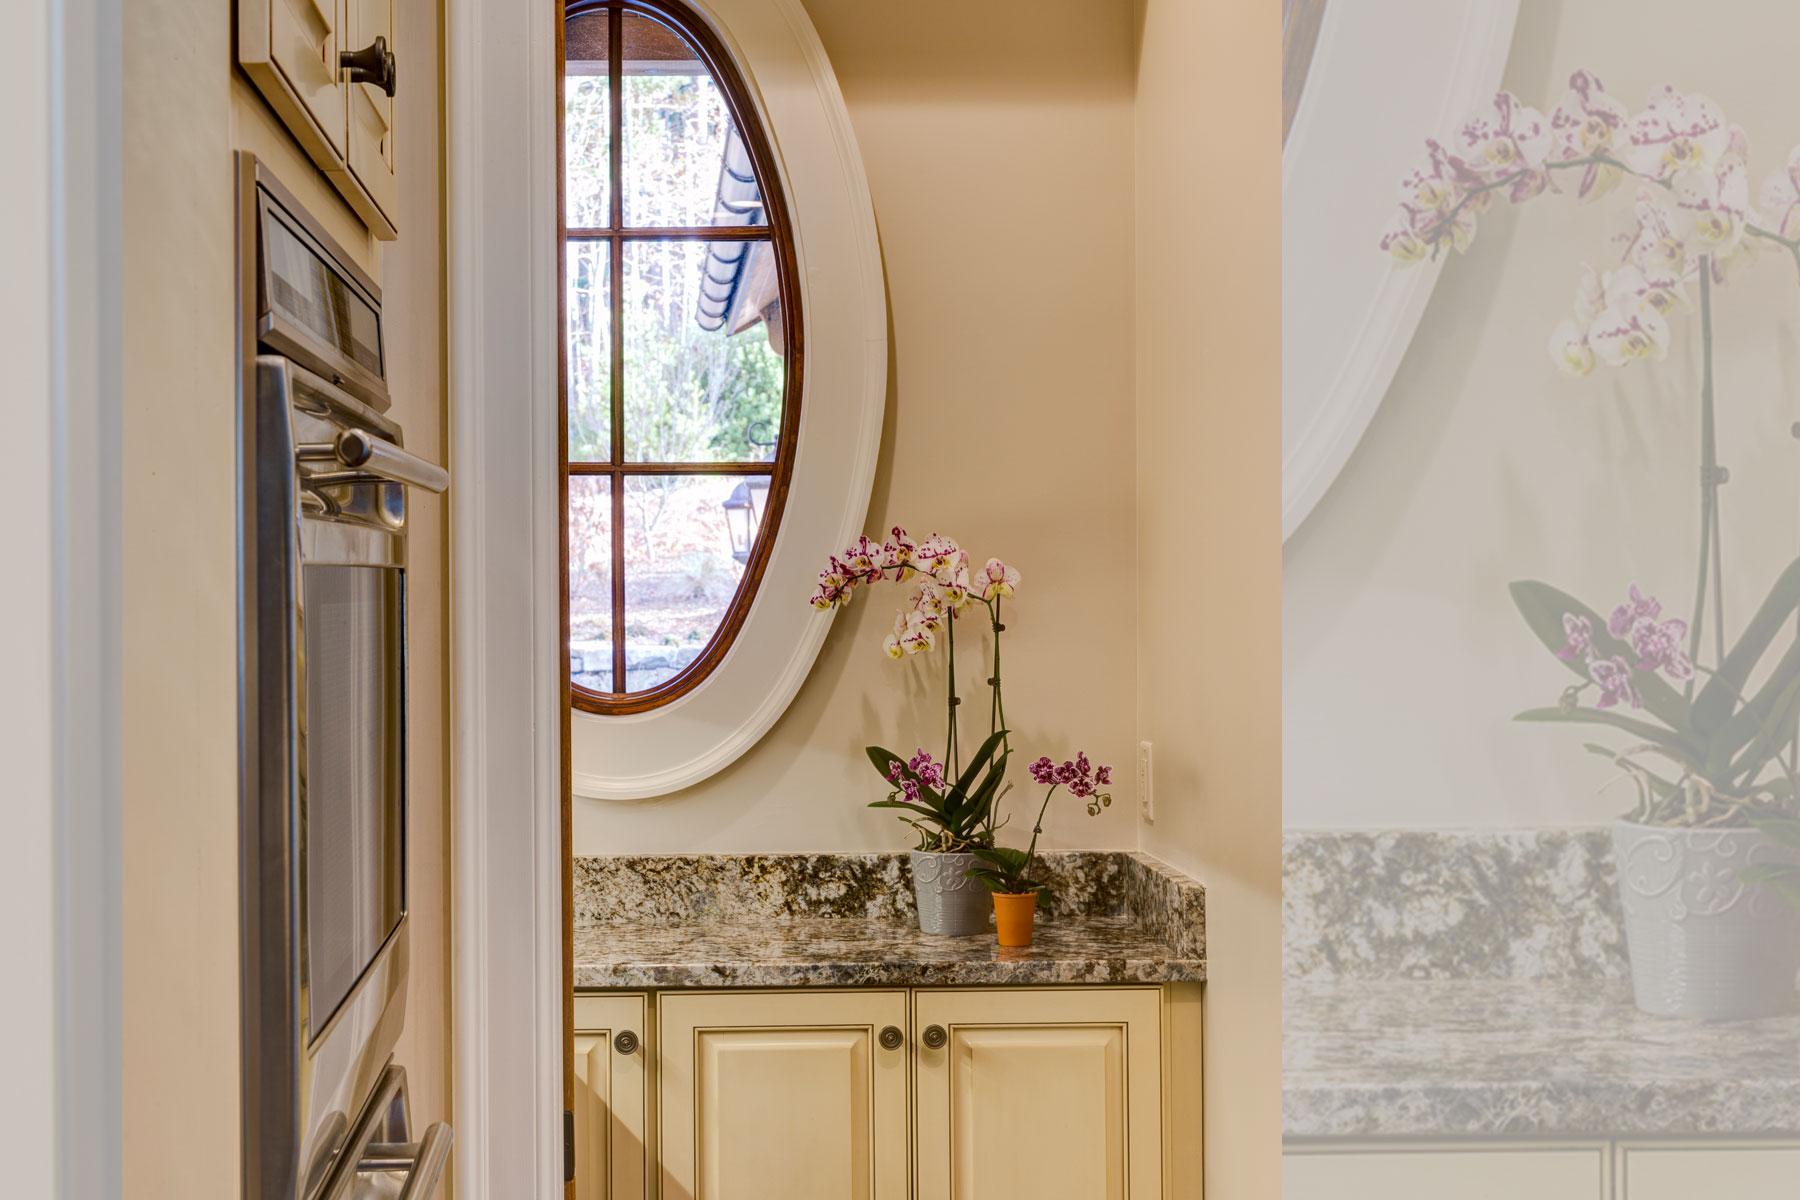 kitchen-pantry-nook-round-window